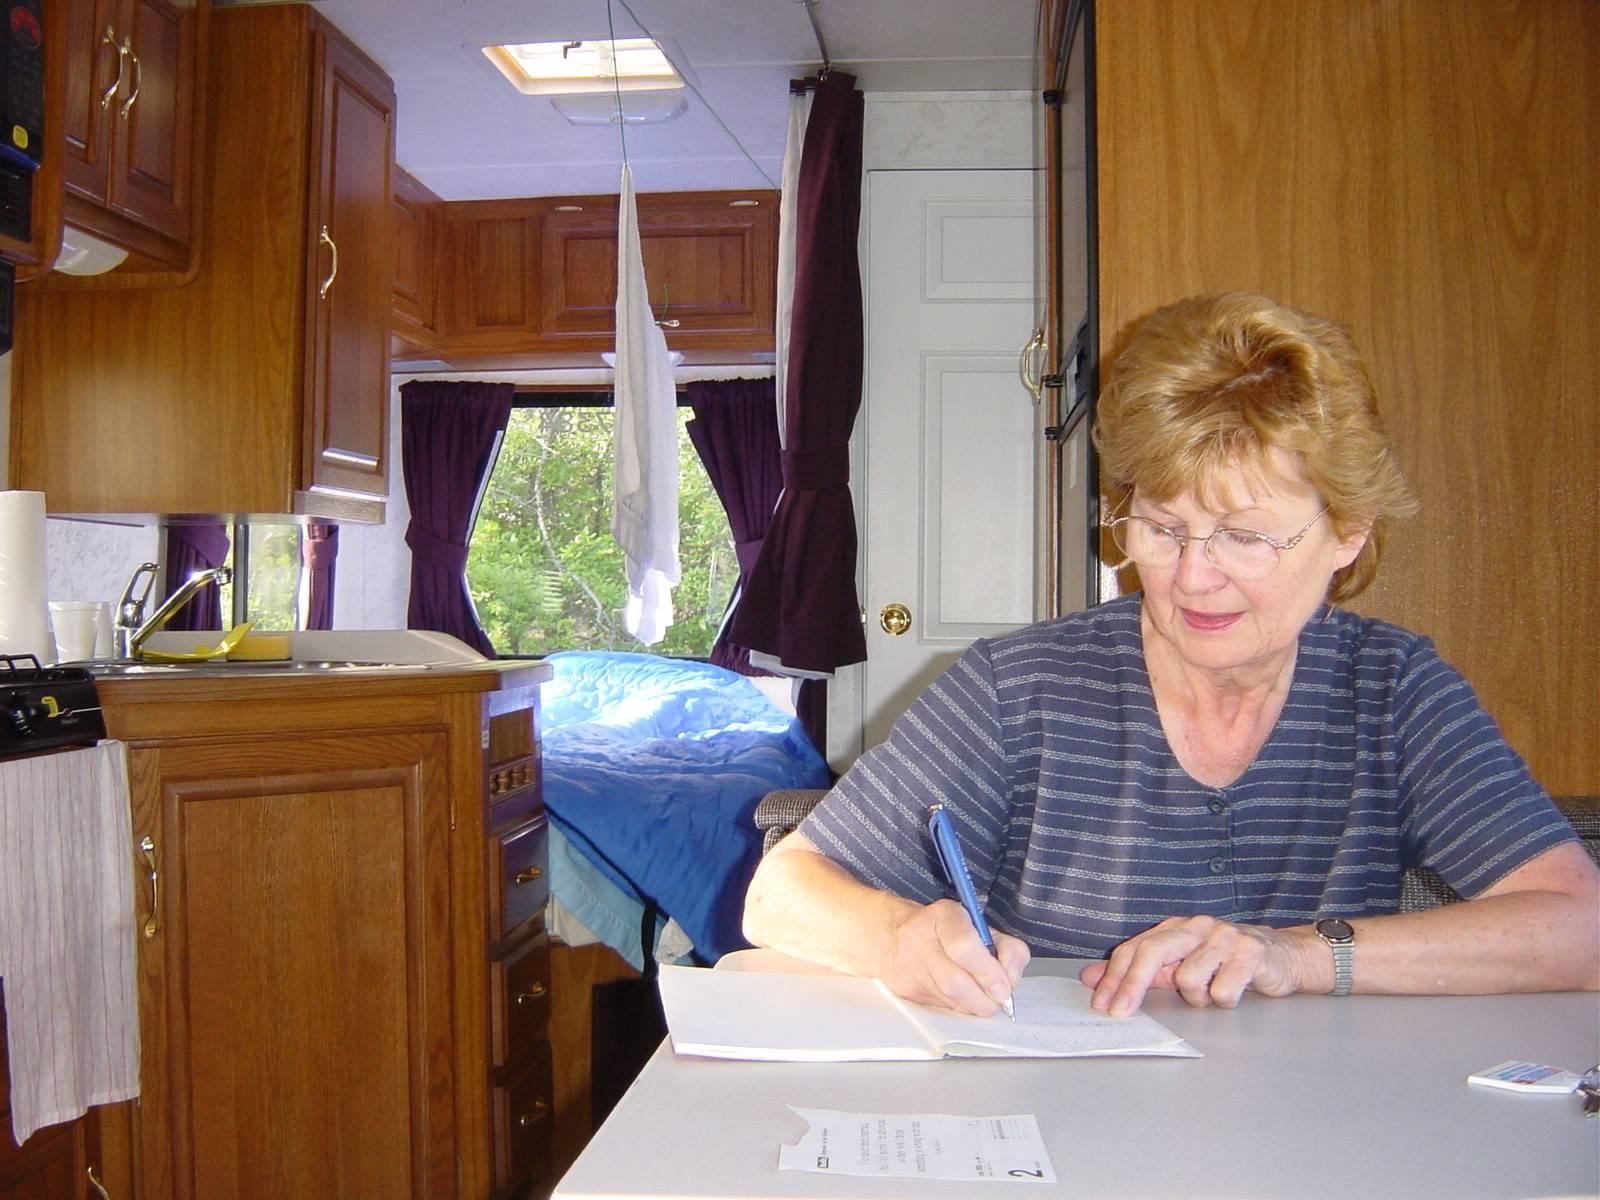 Renate schreibt am Tagebuch